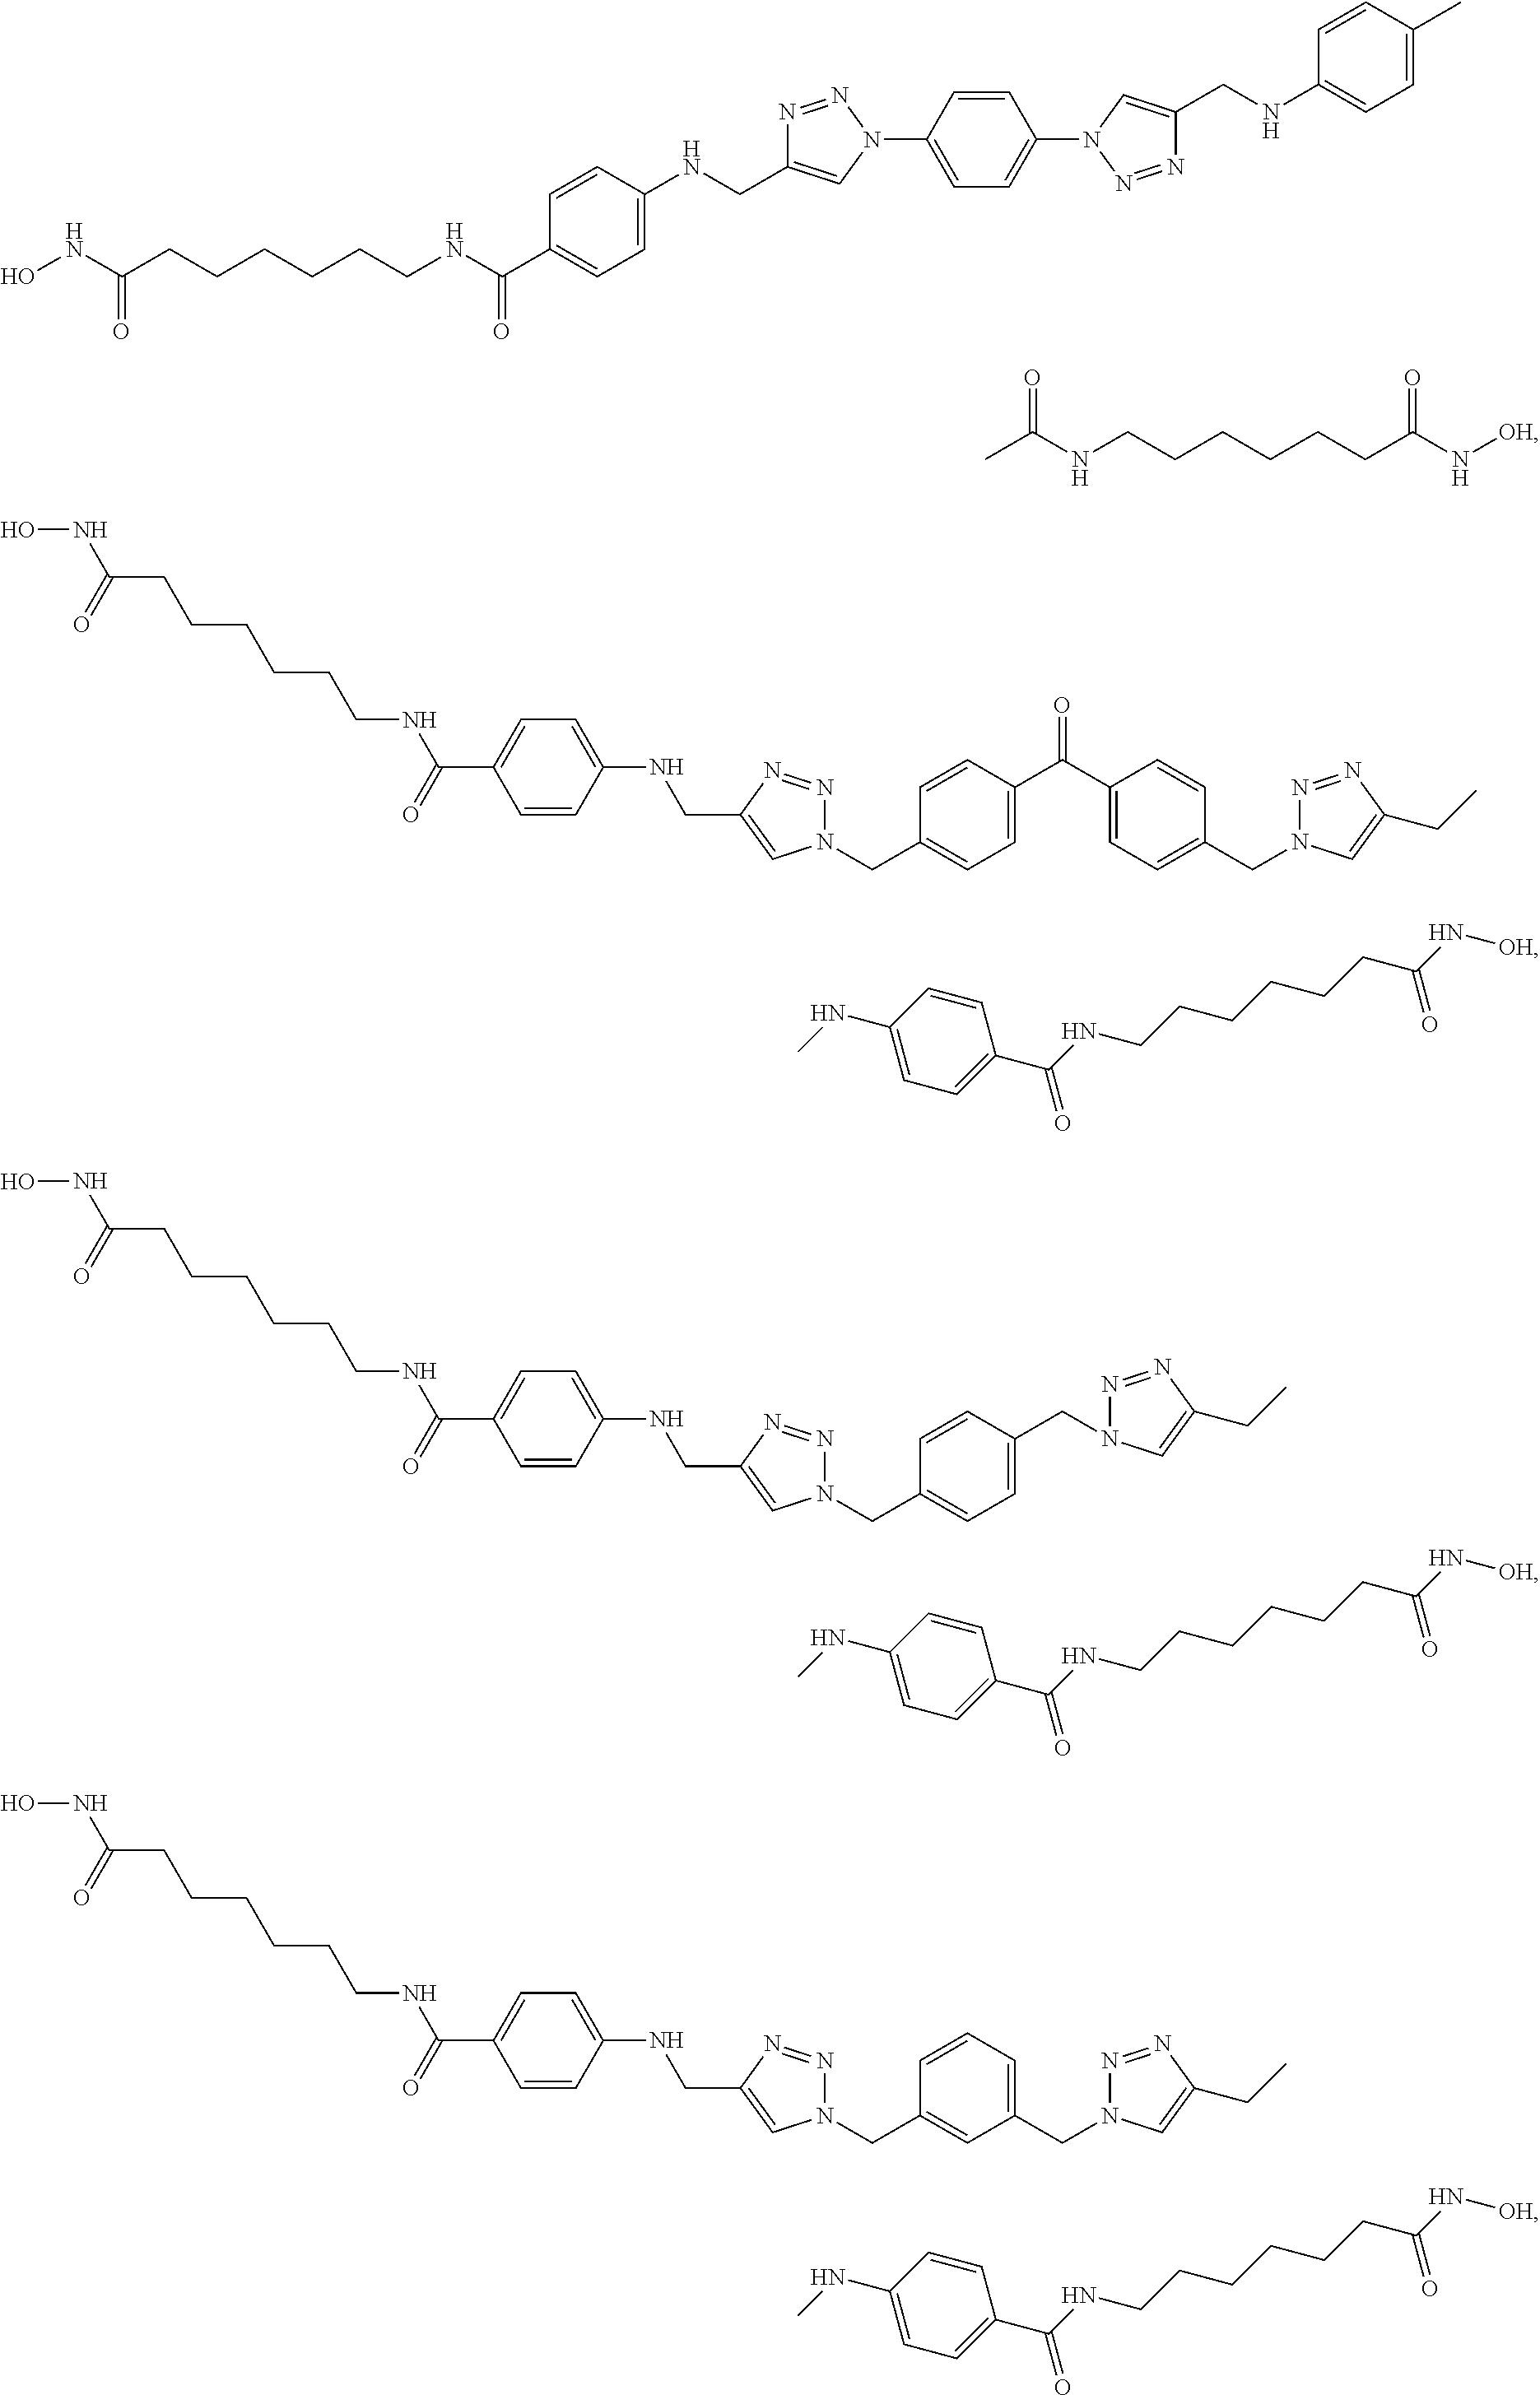 Figure US08222423-20120717-C00217